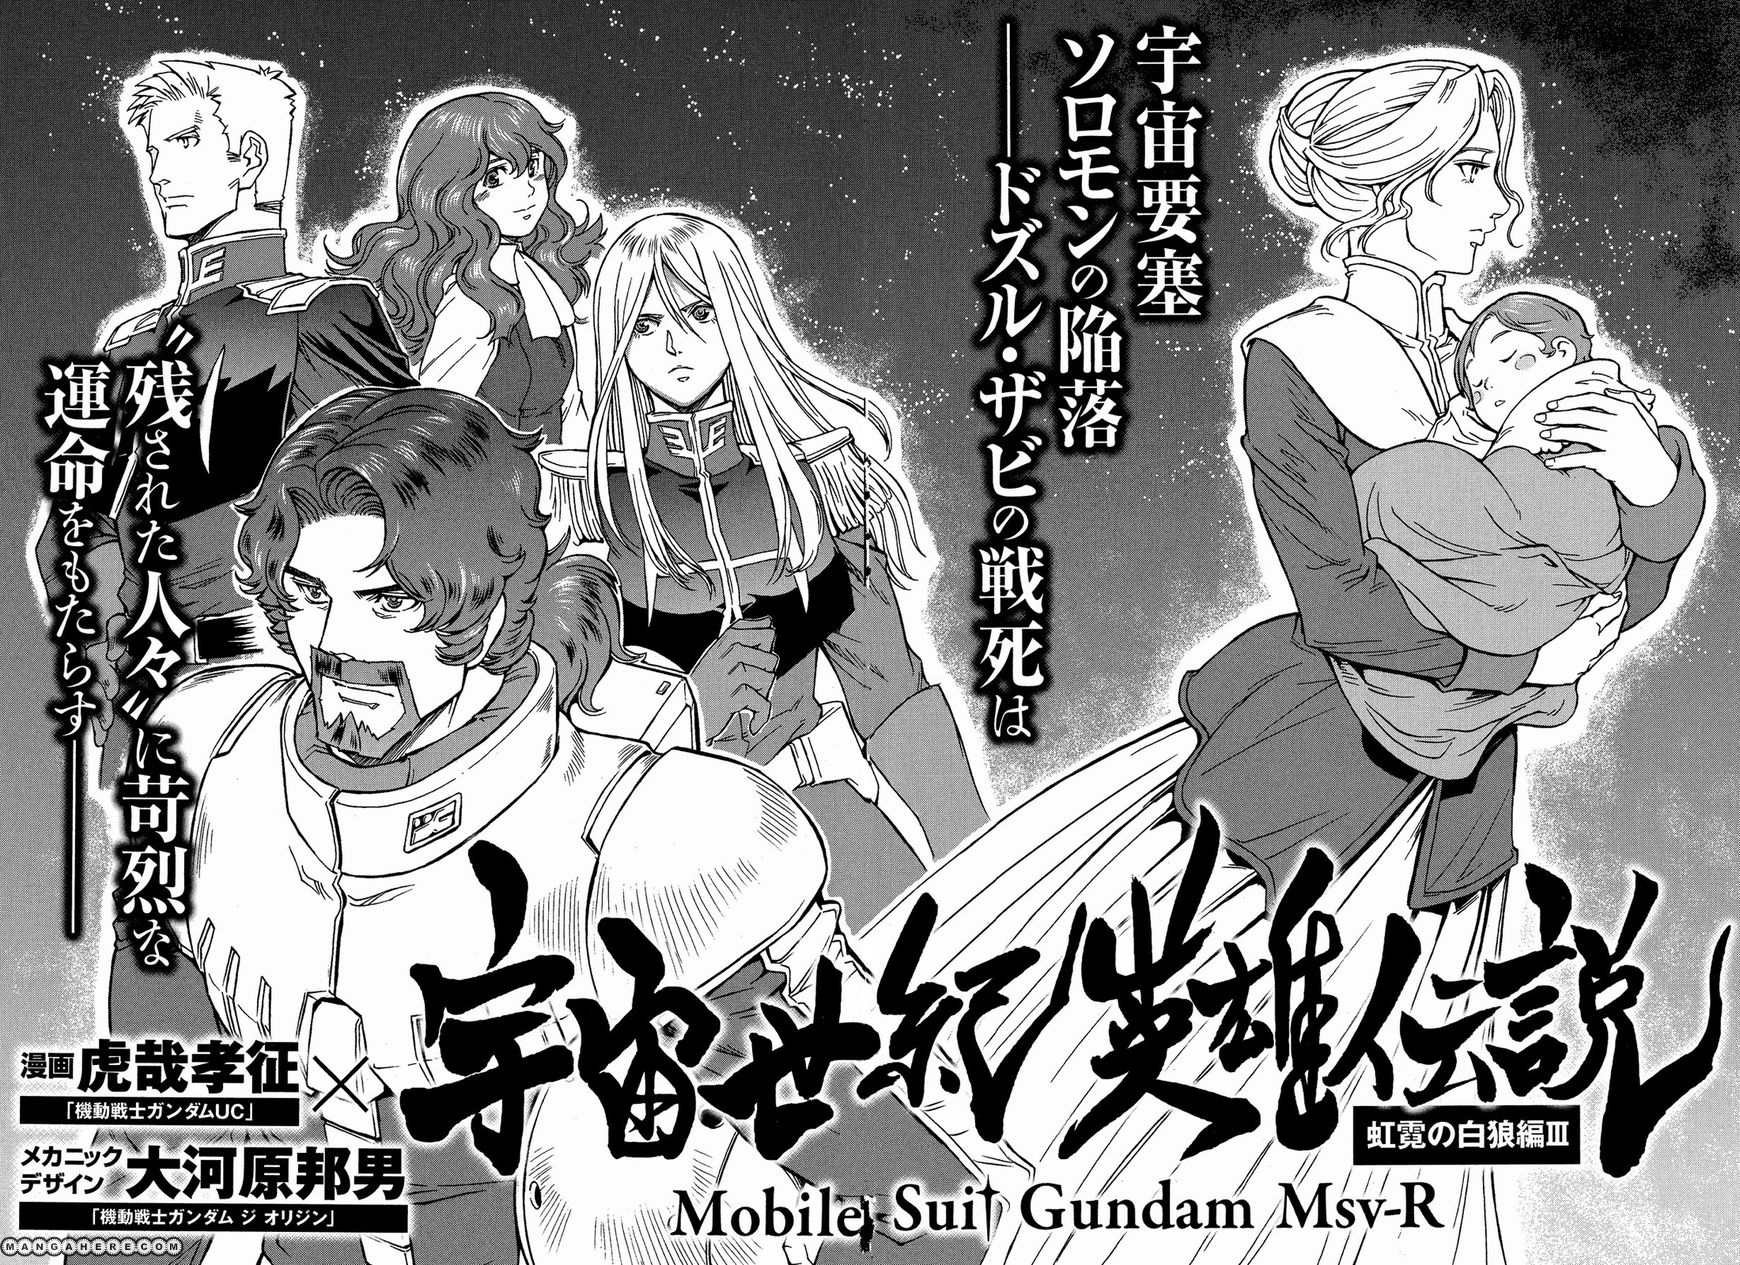 Uchuu Seiki Eiyuu Densetsu - Mobile Suit Gundam MSV-R 3 Page 2